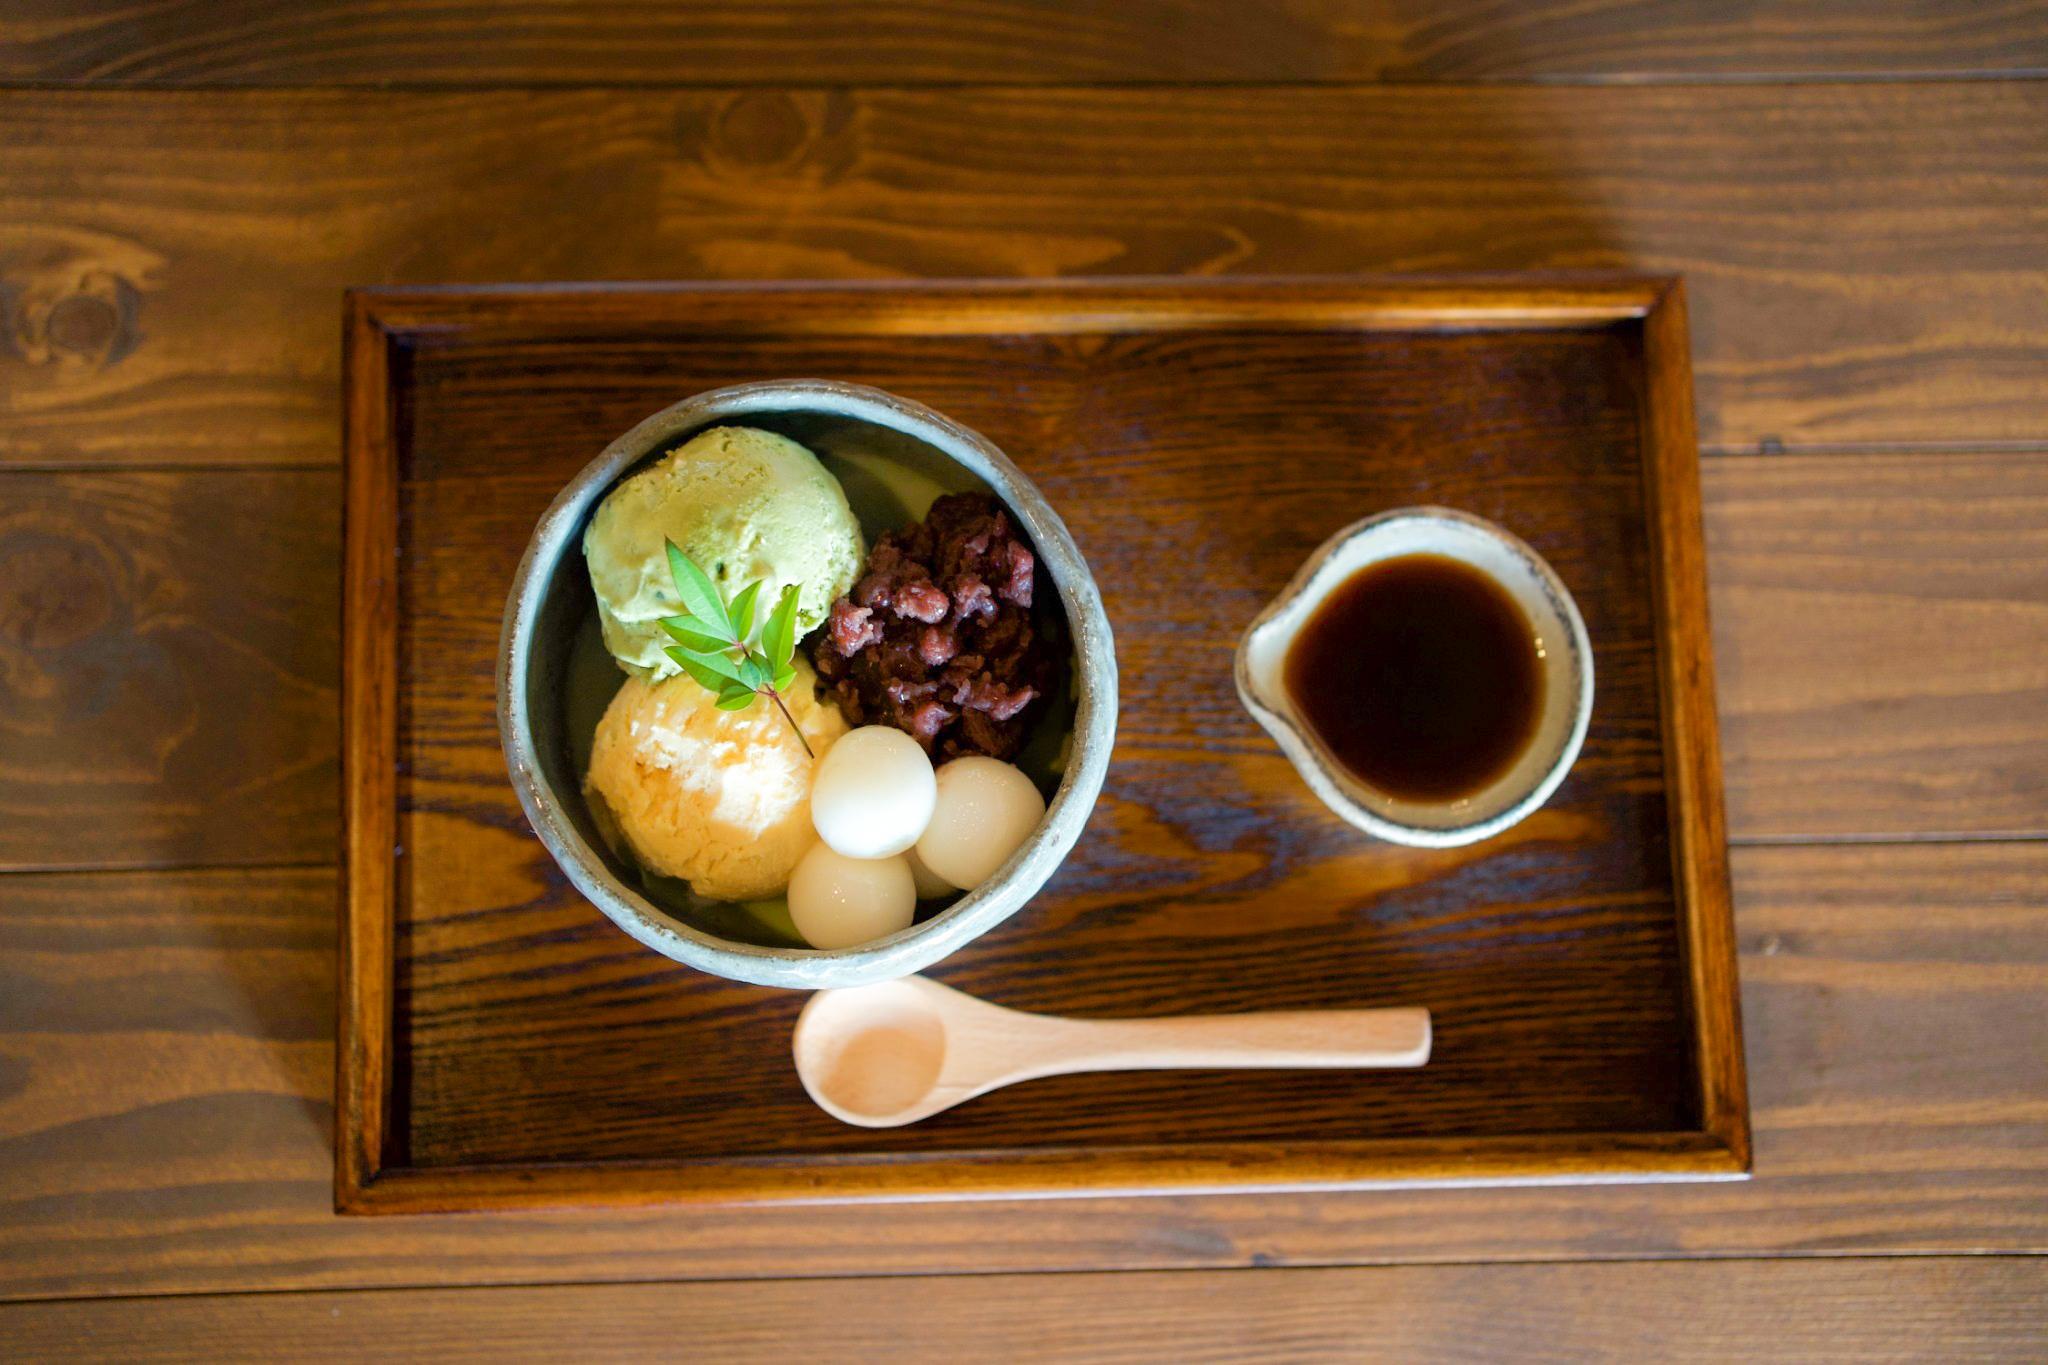 抹茶パフェ/880円、パフェドリンクセット/1100円